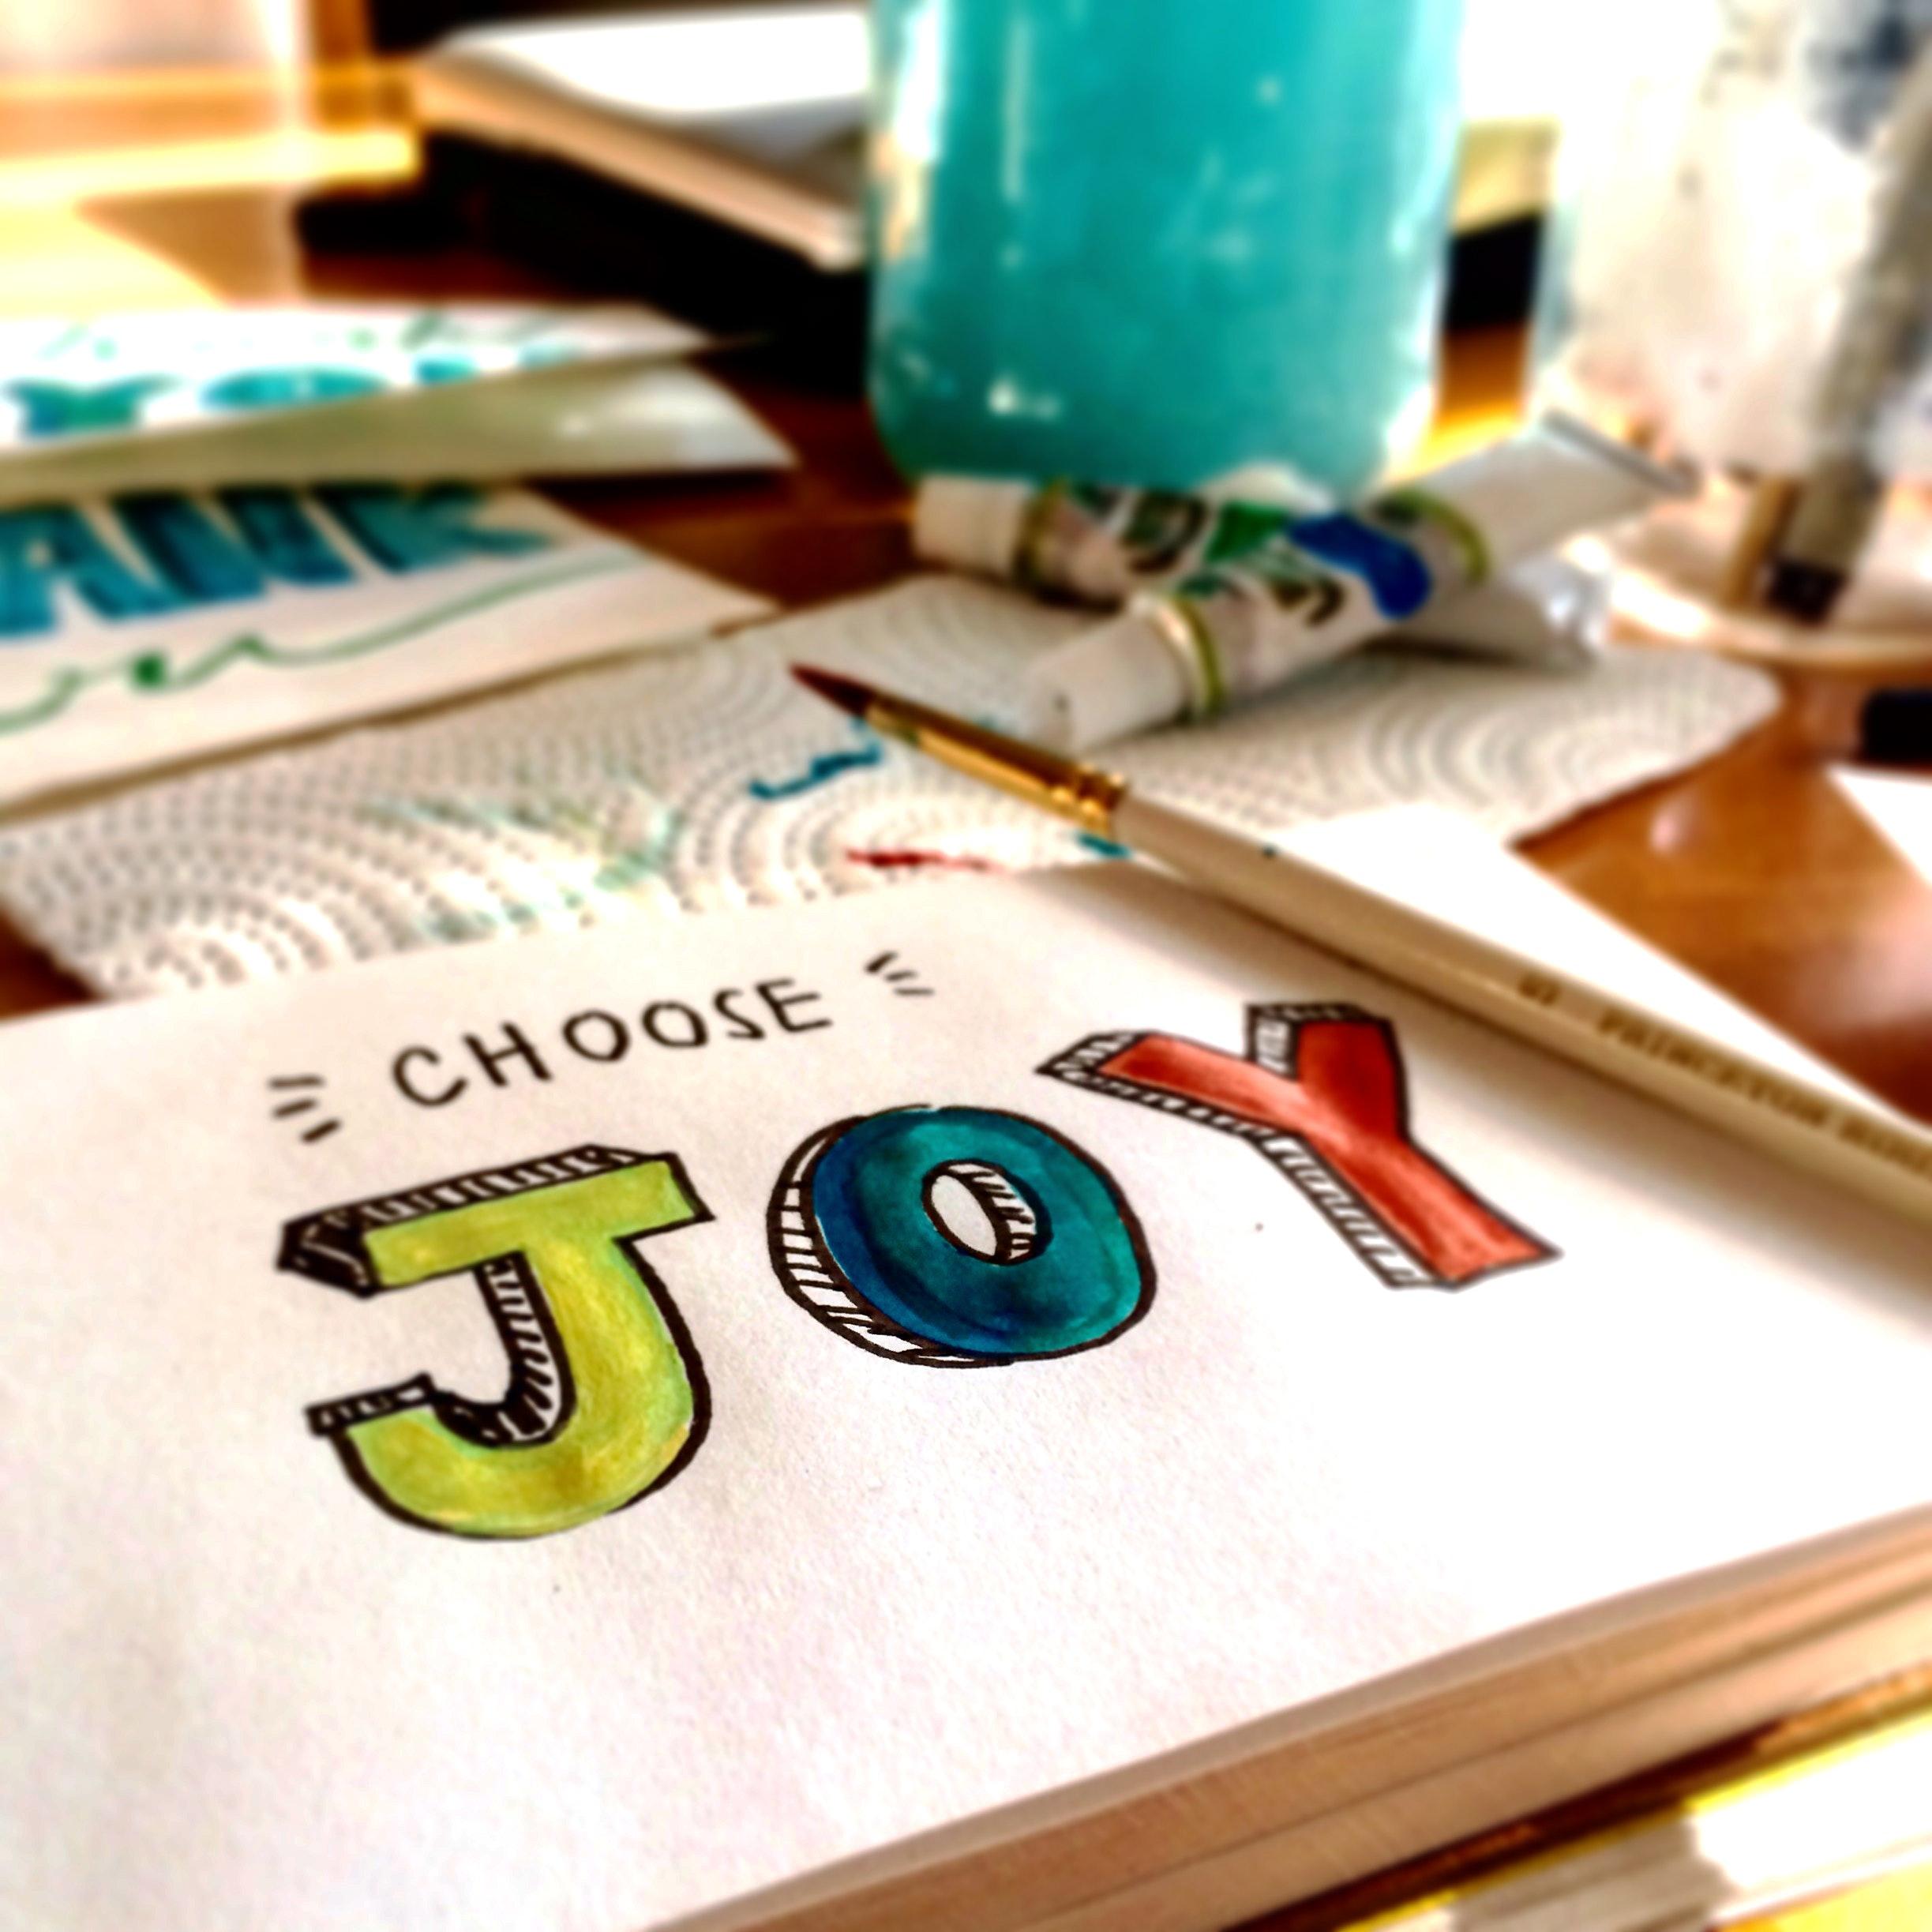 brush-happiness-joy-22221.jpg